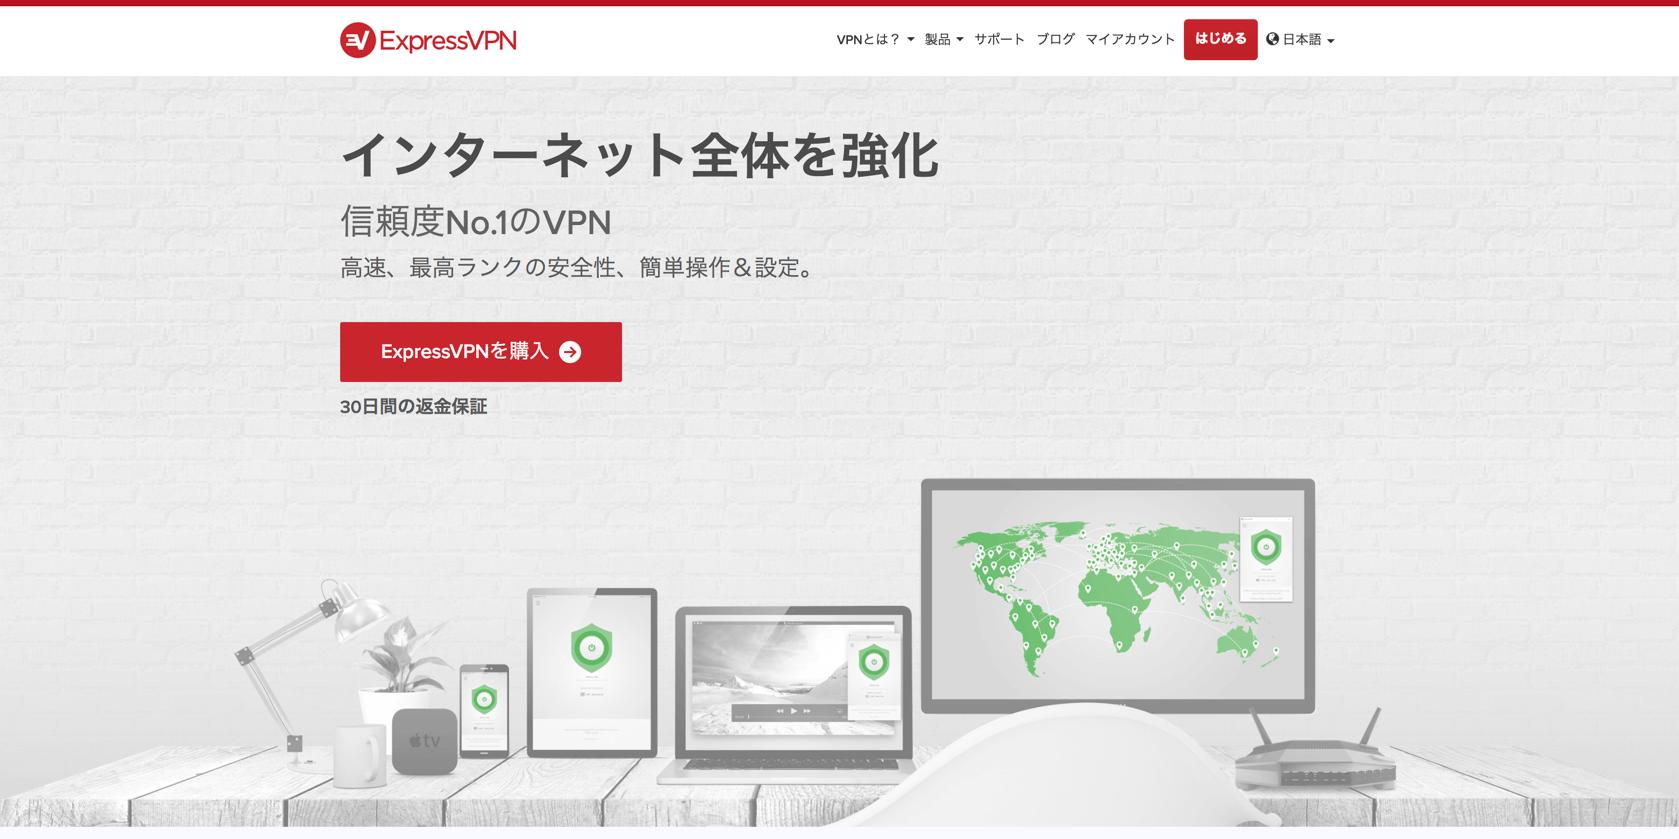 【中国VPN】政府の規制強化|2019年8月最新情報 | 中国Wi-Fi・VPN ...